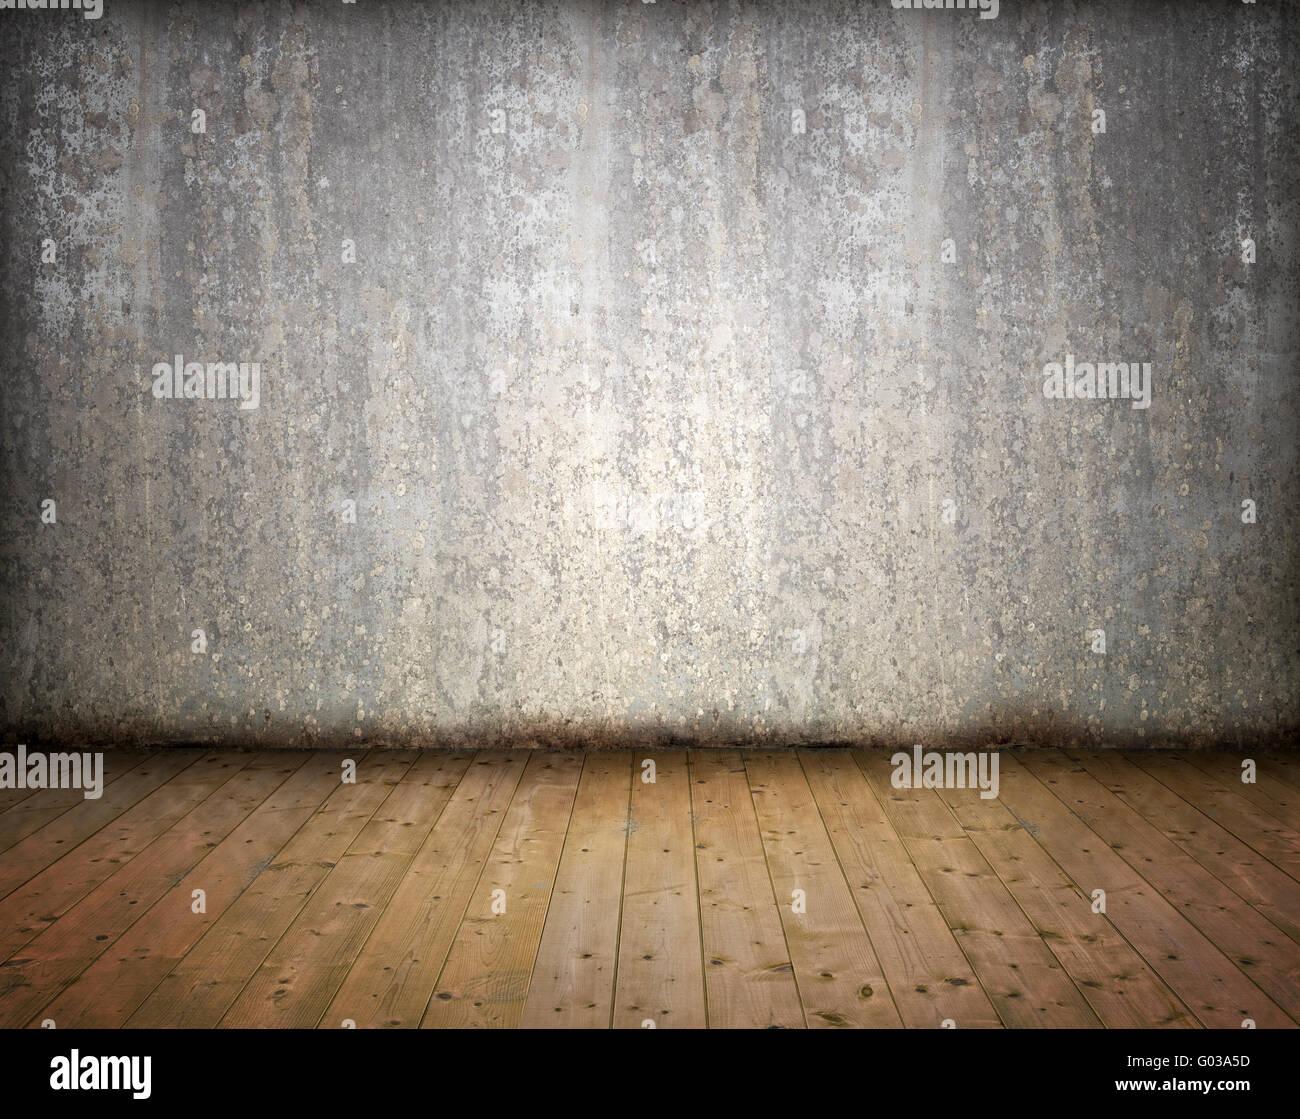 Grunge abstracto sala vacía - imagen de fondo interior Imagen De Stock